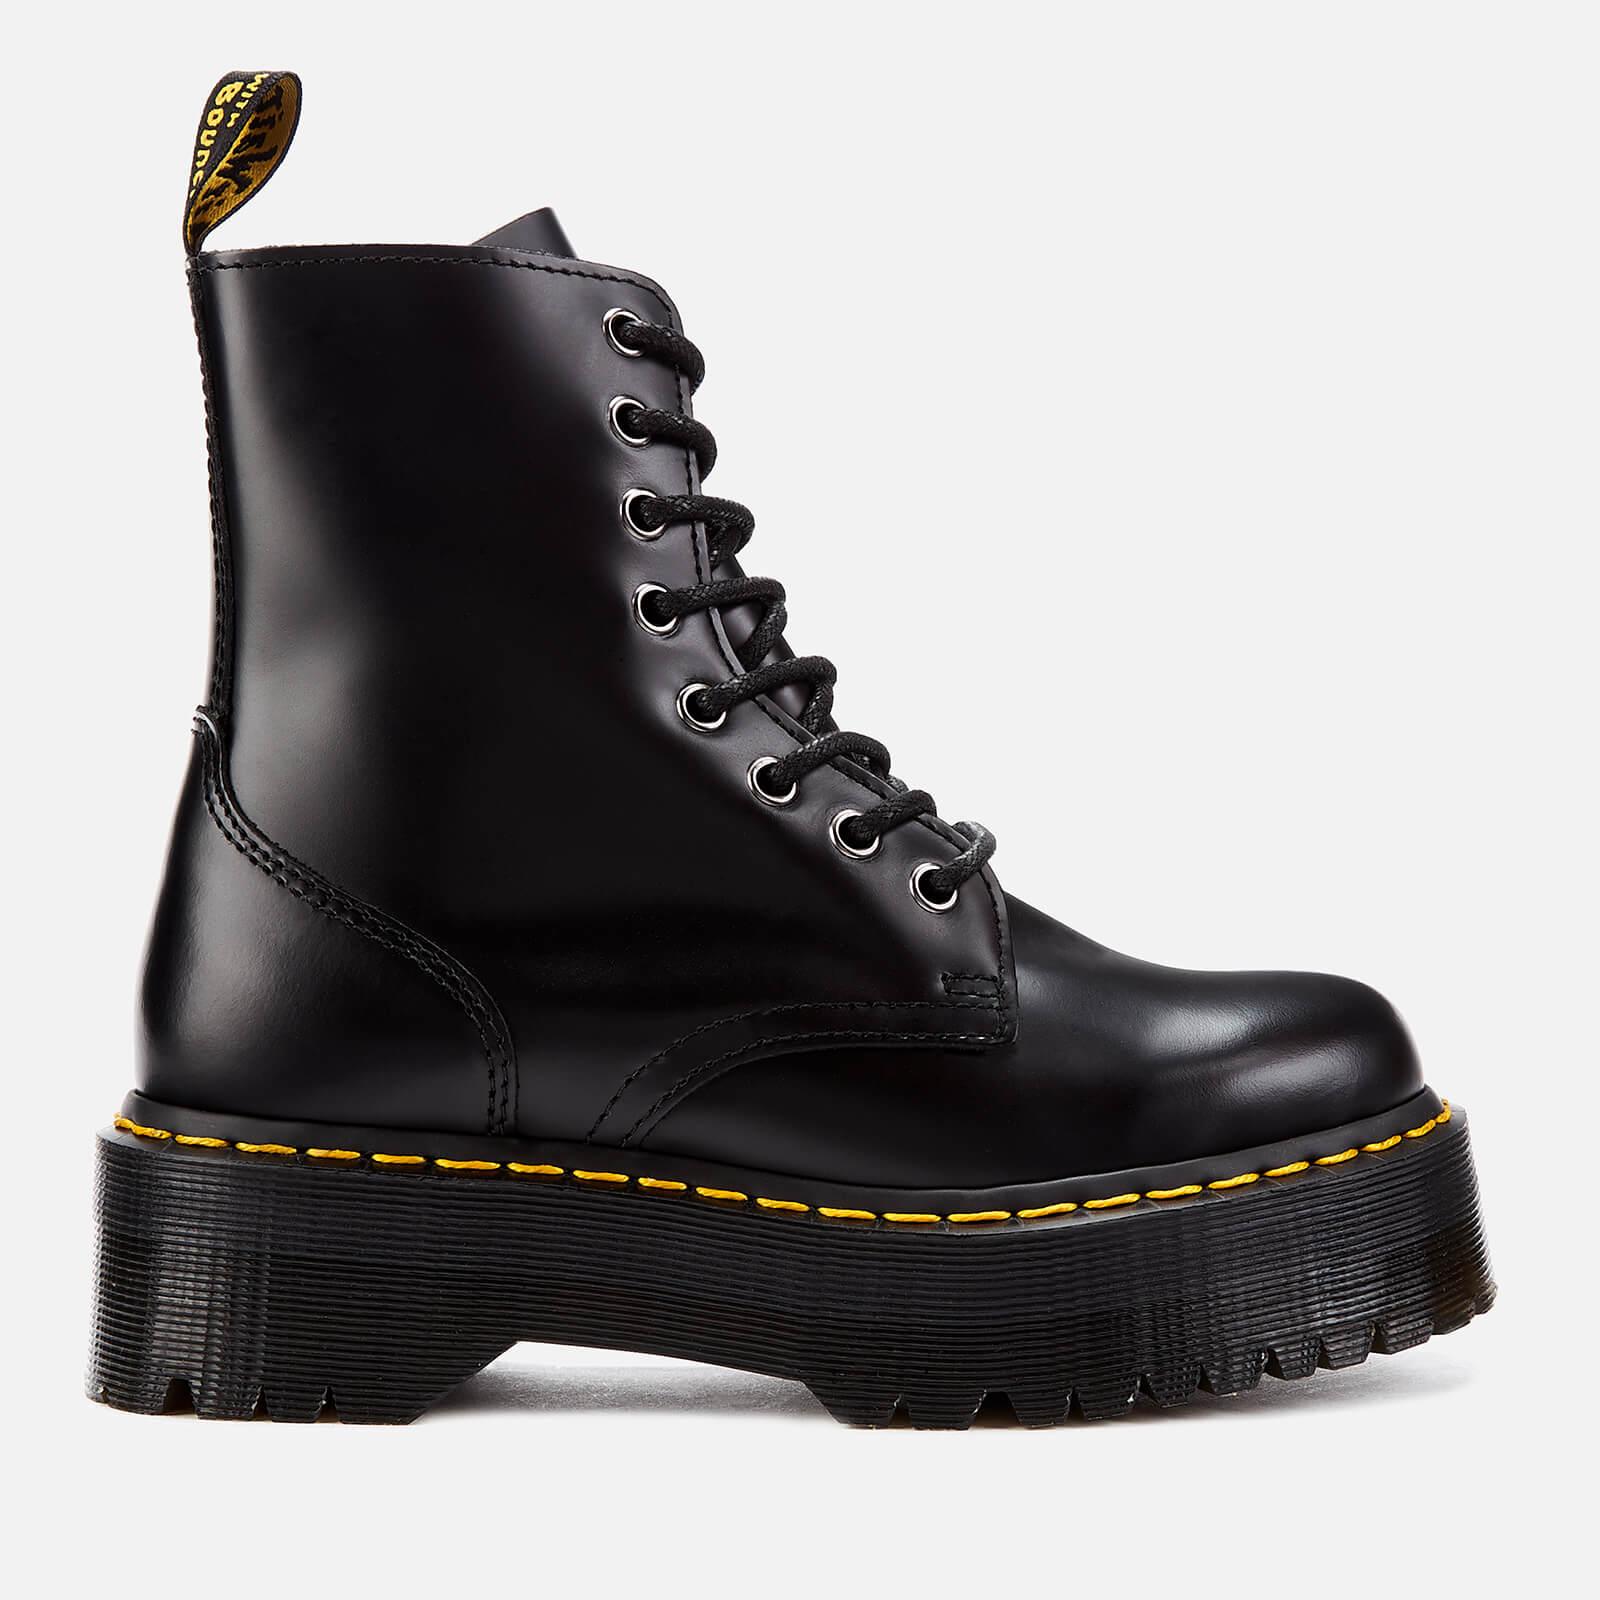 Dr. Martens Women's Jadon Polished Smooth Leather 8-Eye Boots - Black - UK 4 - Black